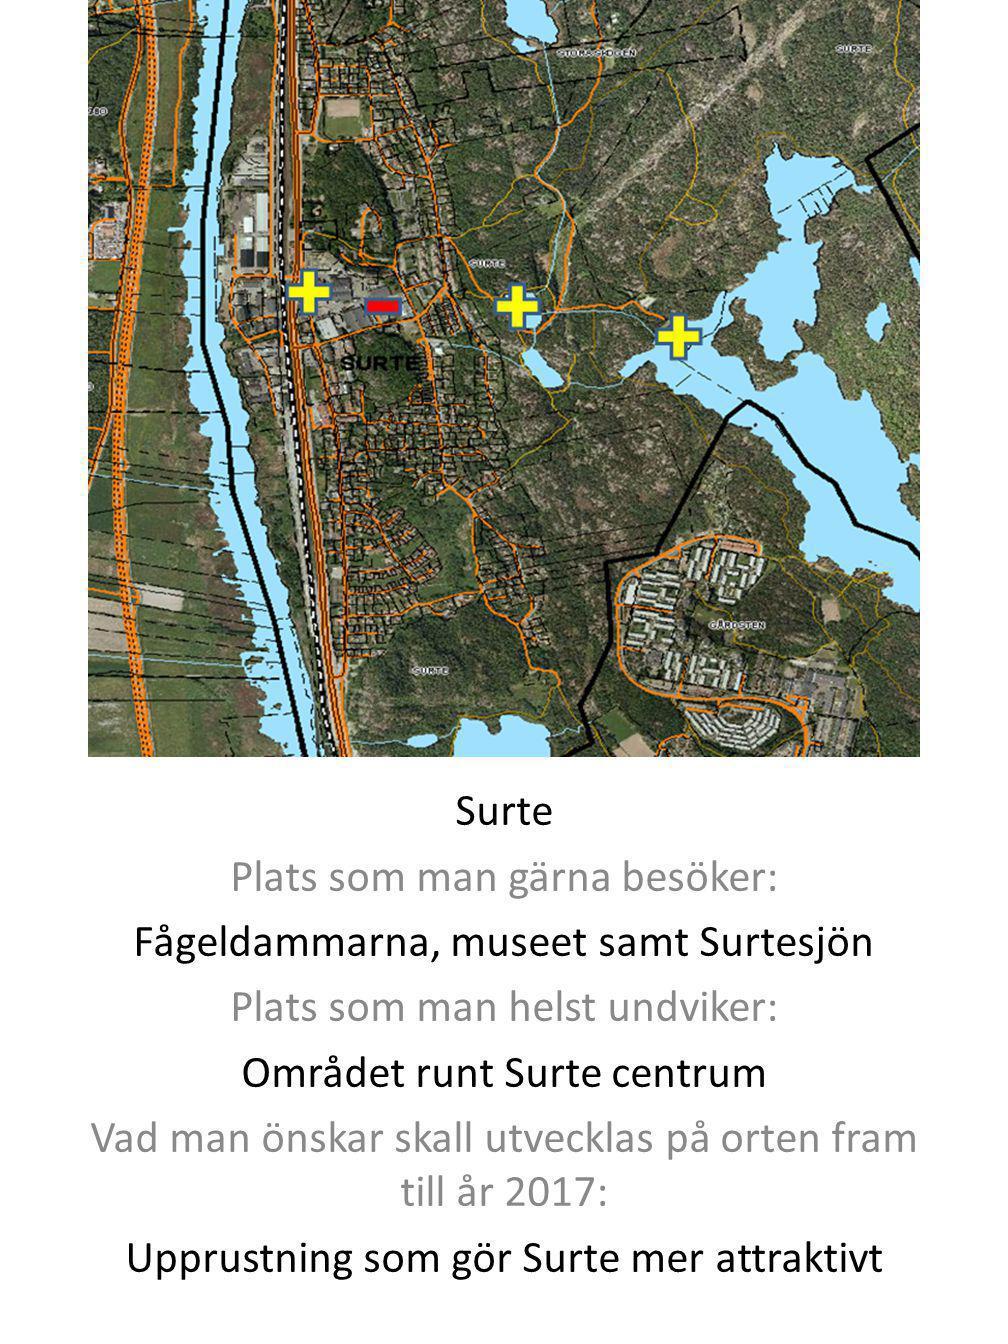 Surte Plats som man gärna besöker: Fågeldammarna, museet samt Surtesjön Plats som man helst undviker: Området runt Surte centrum Vad man önskar skall